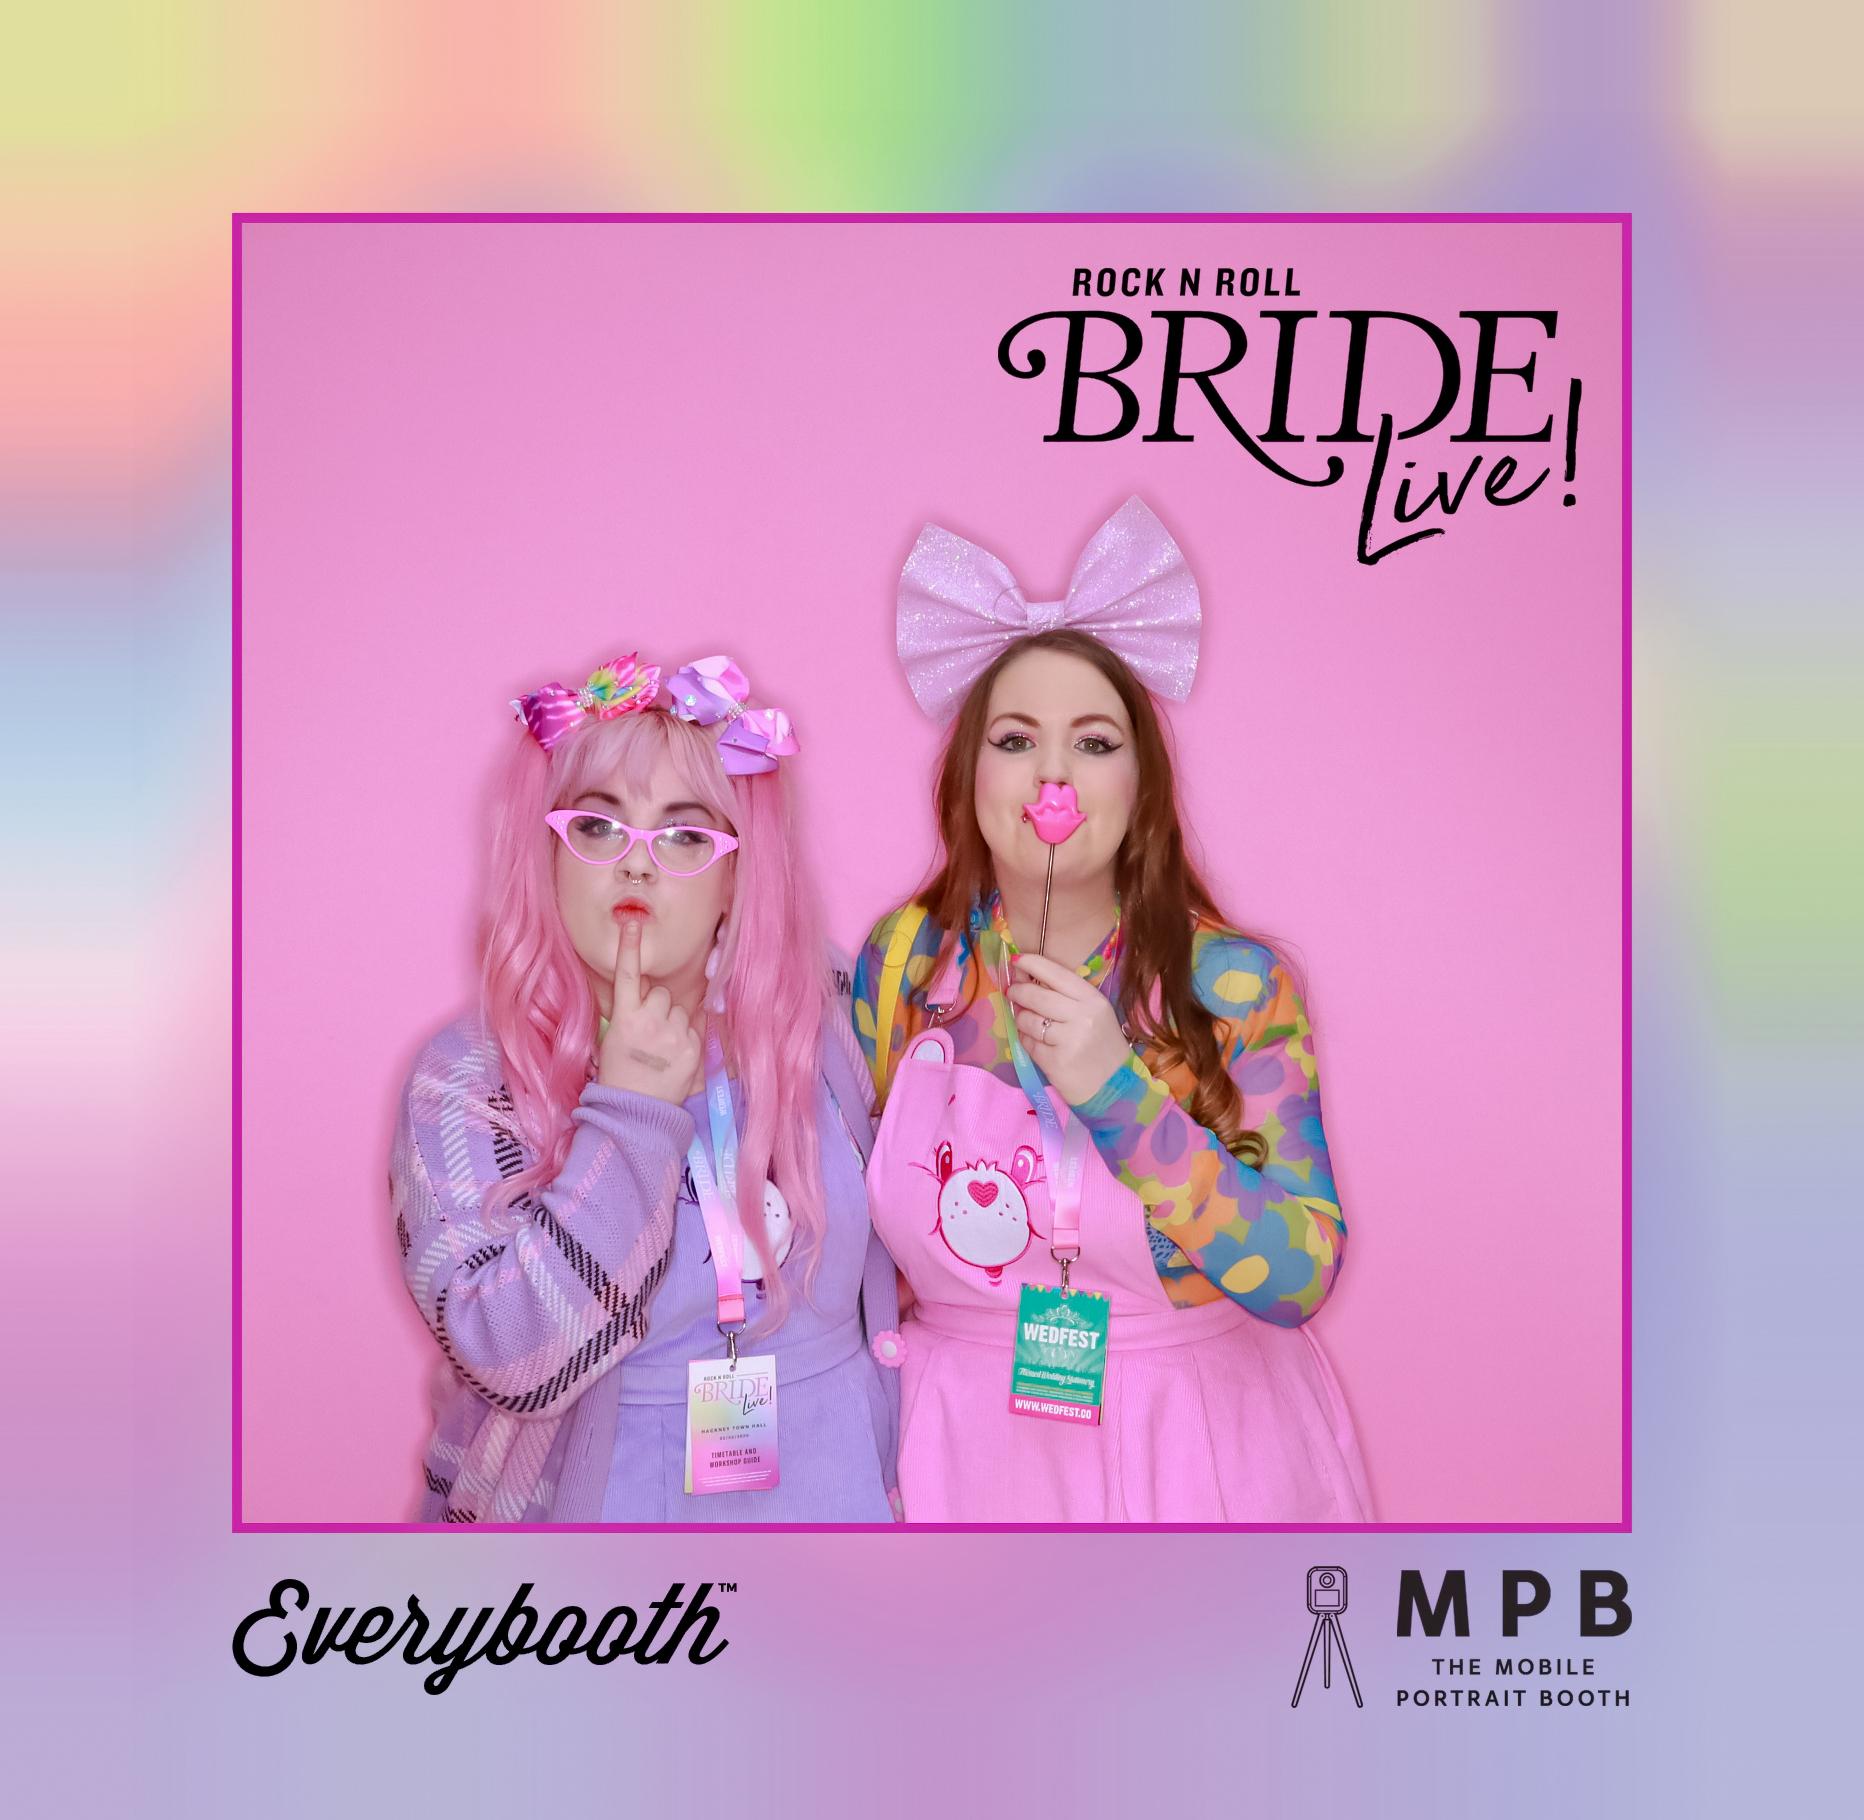 wedfest vip lanyards rock n-roll bride live